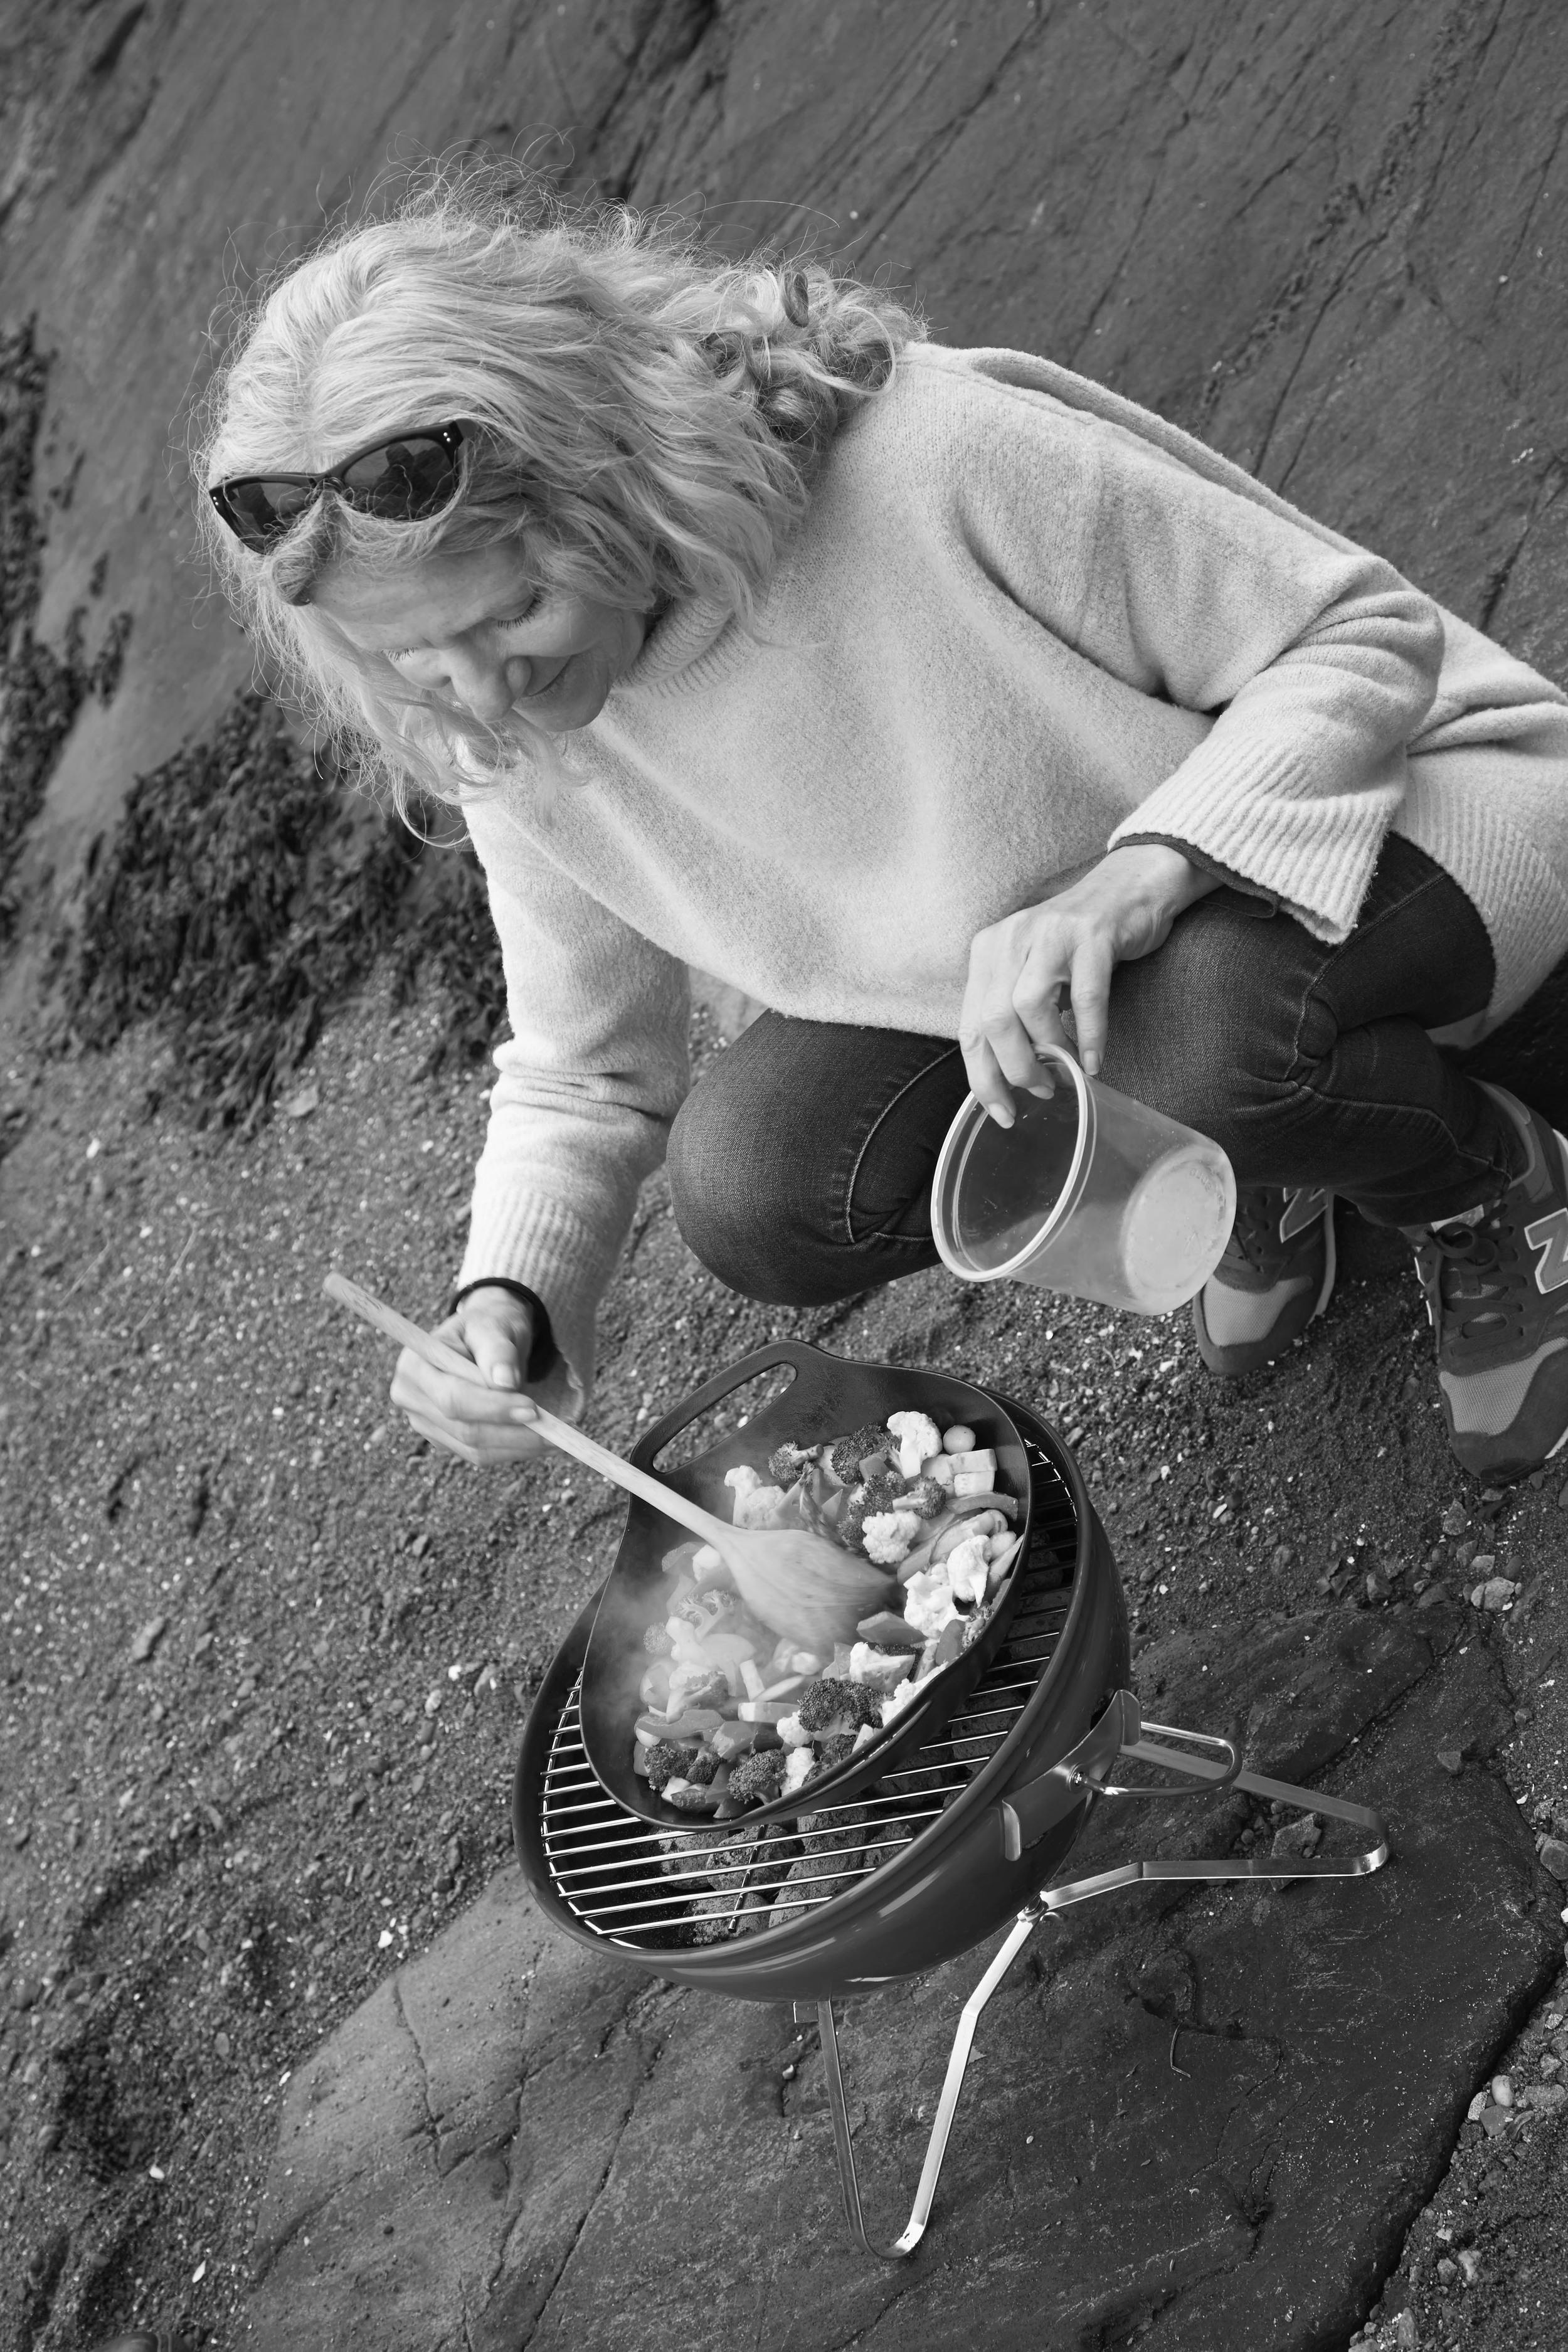 Kari from Opplysningskontoret for frukt og grønt making wok